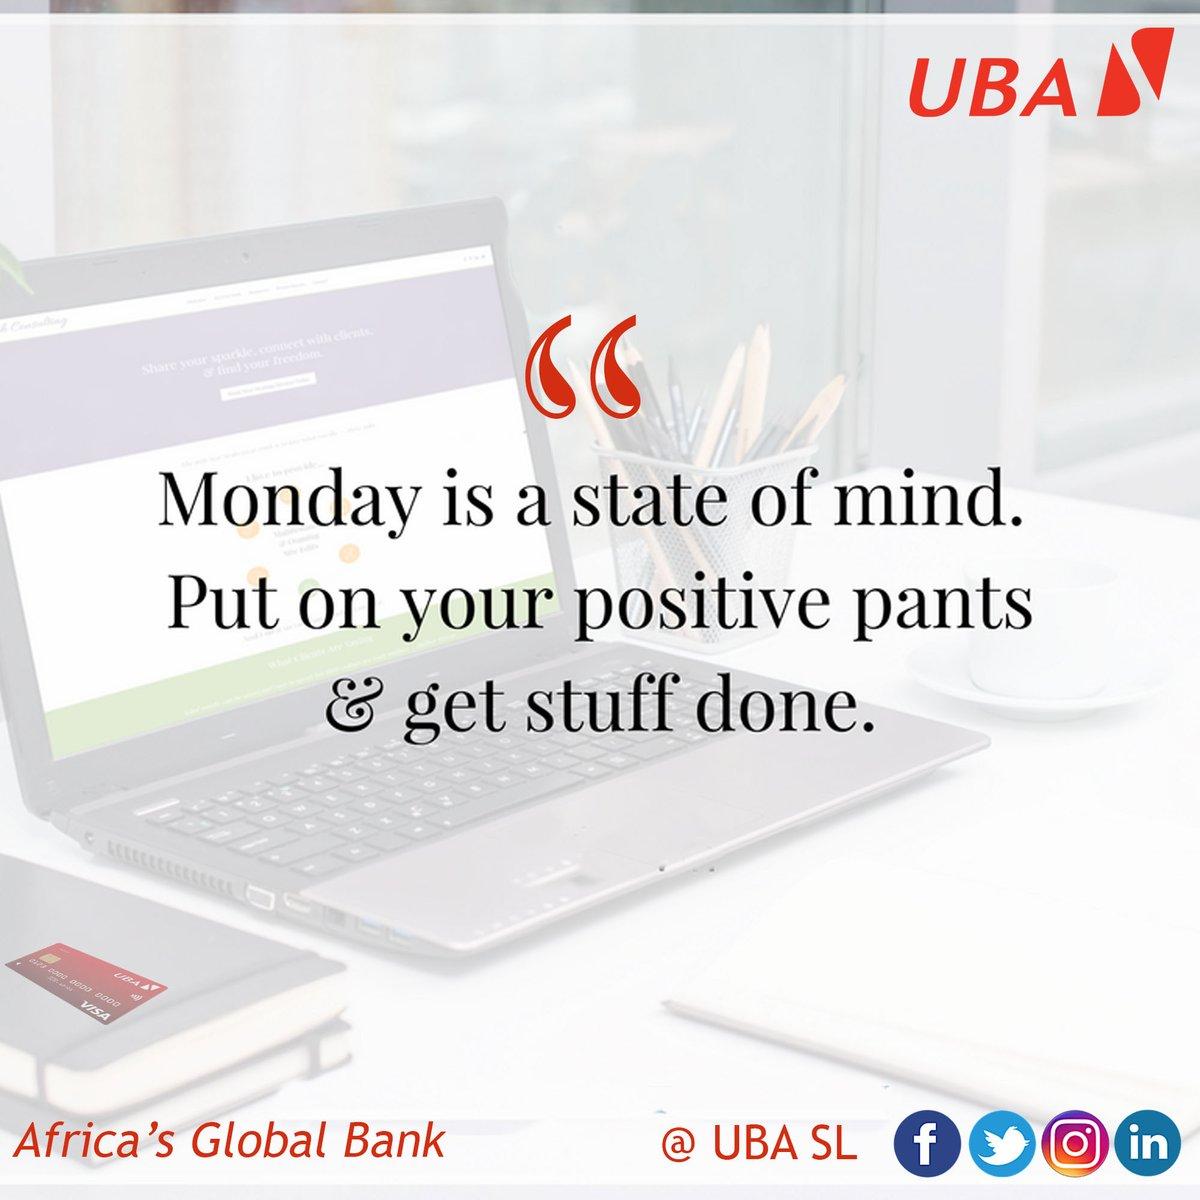 Good Morning!  #Monday #UBASierraLeone #Africasglobalbank